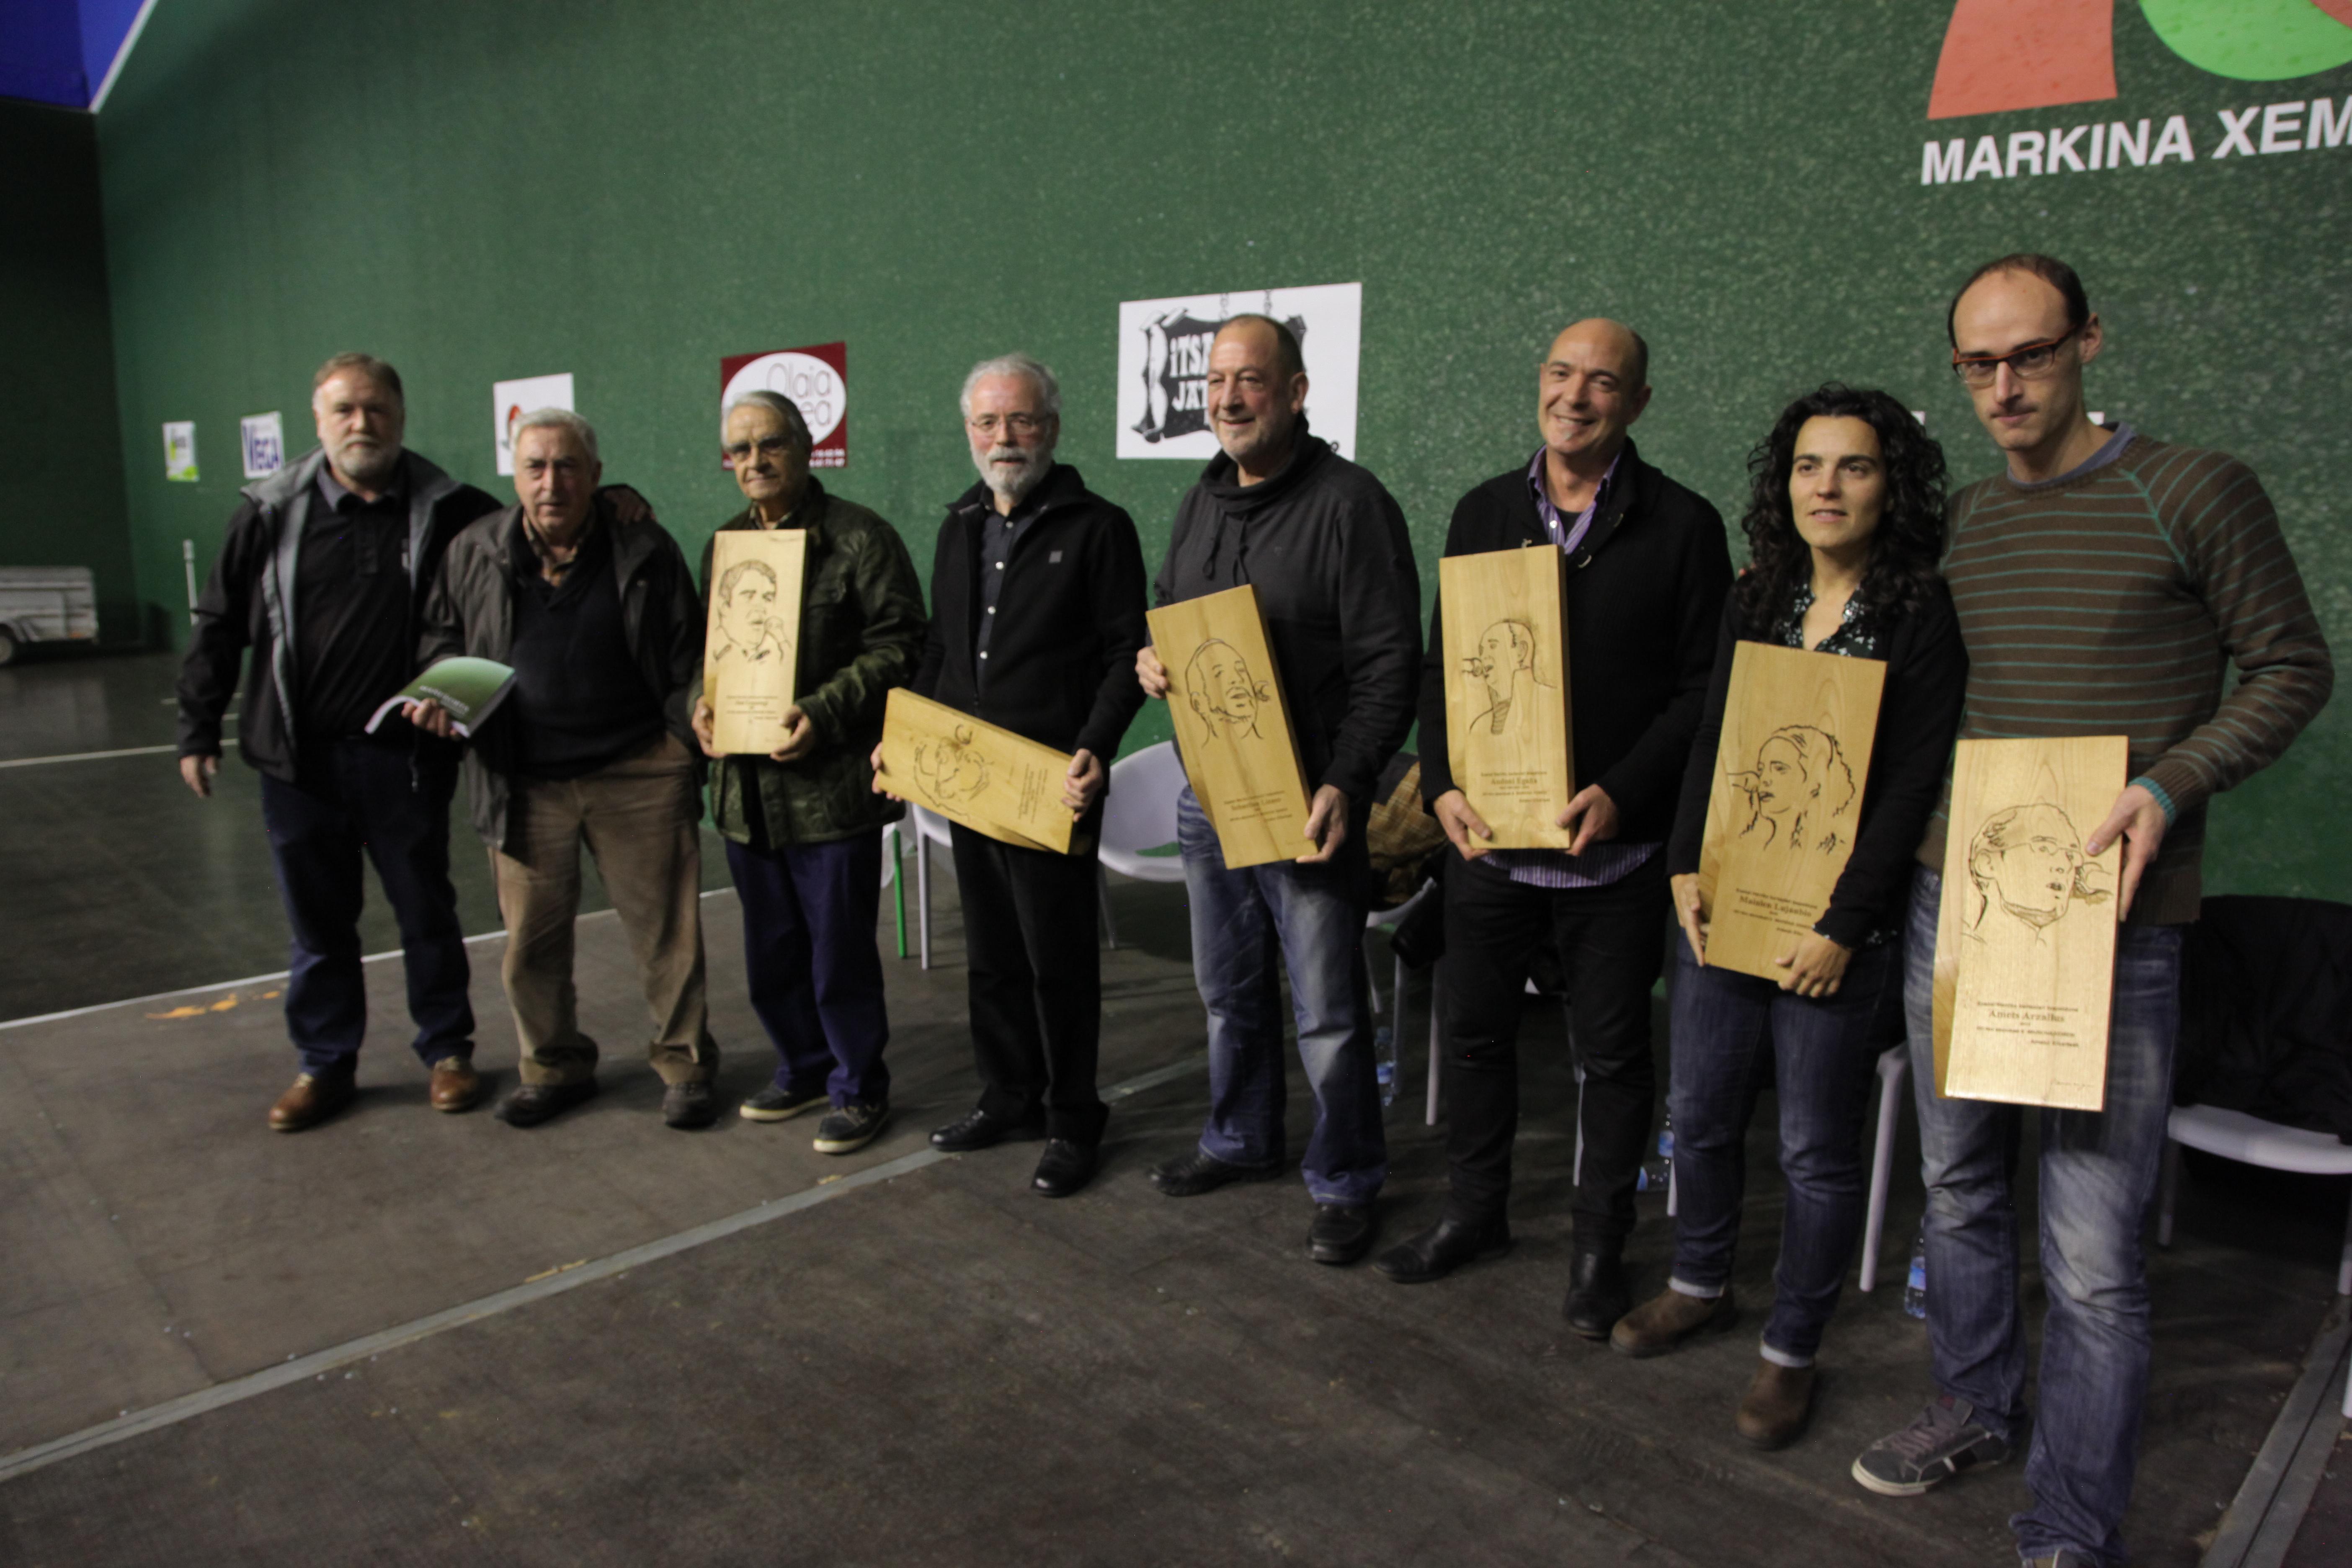 Bizkaiko Txapelketako finalistak eta Markina-Xemeingo Kontzezioko saioa Hitzetik Hortzeran